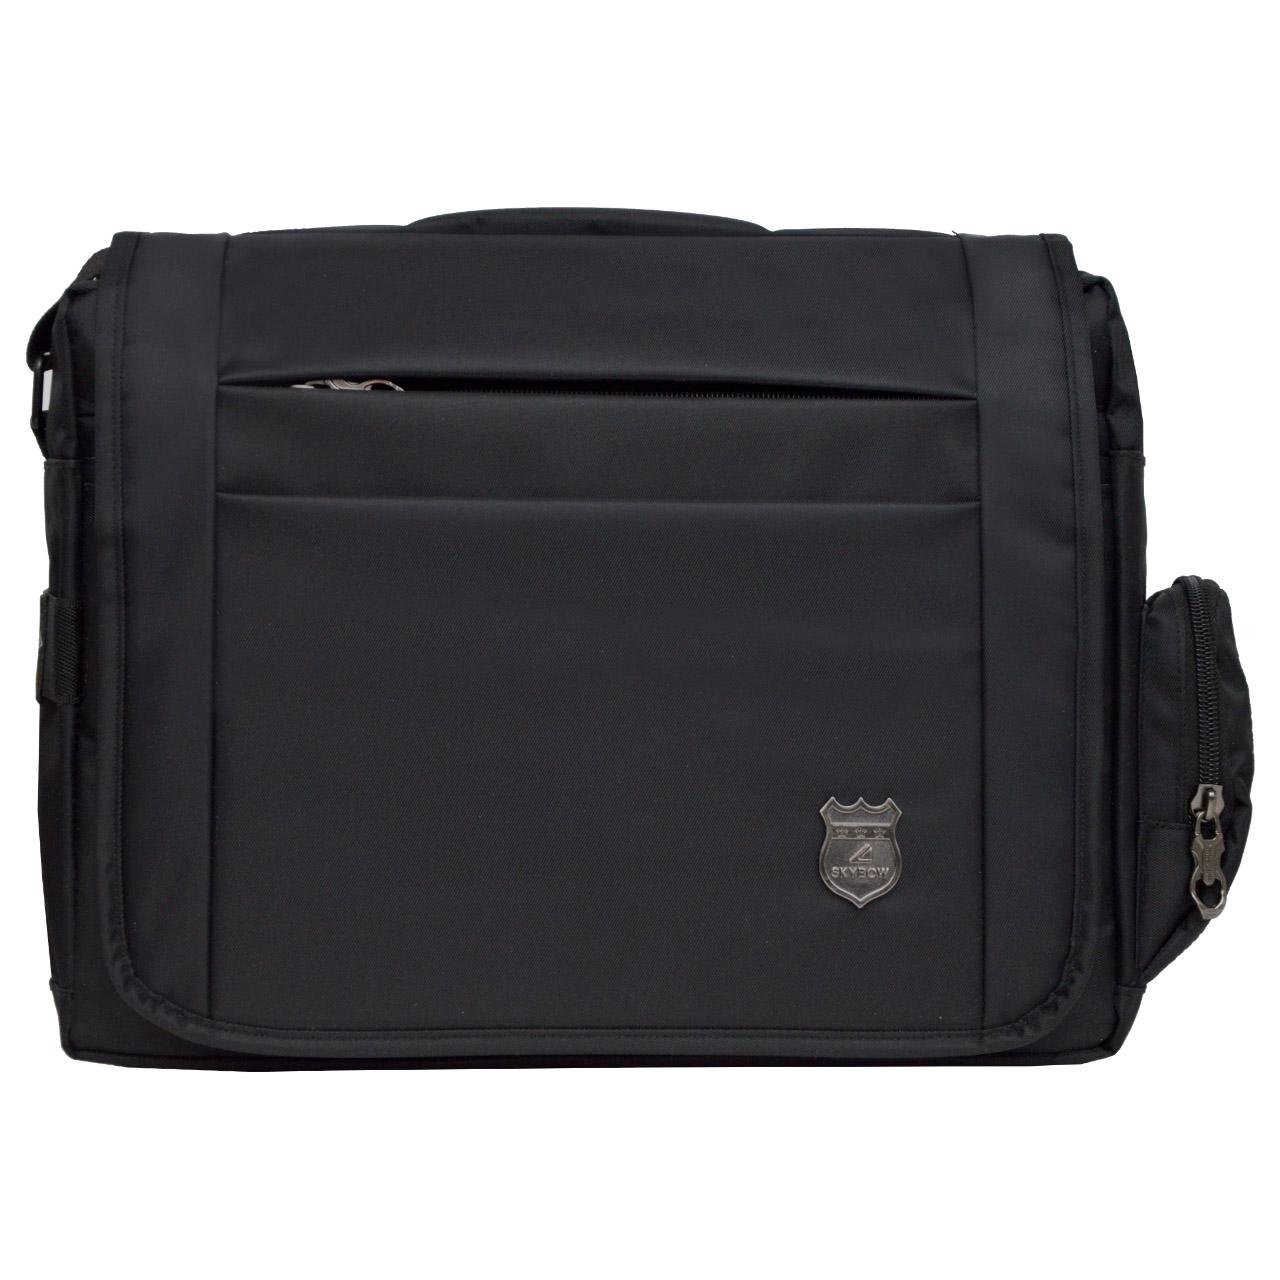 کیف لپ تاپ اسکای بو کد 400060 مناسب برای لپ تاپ 14 اینچی